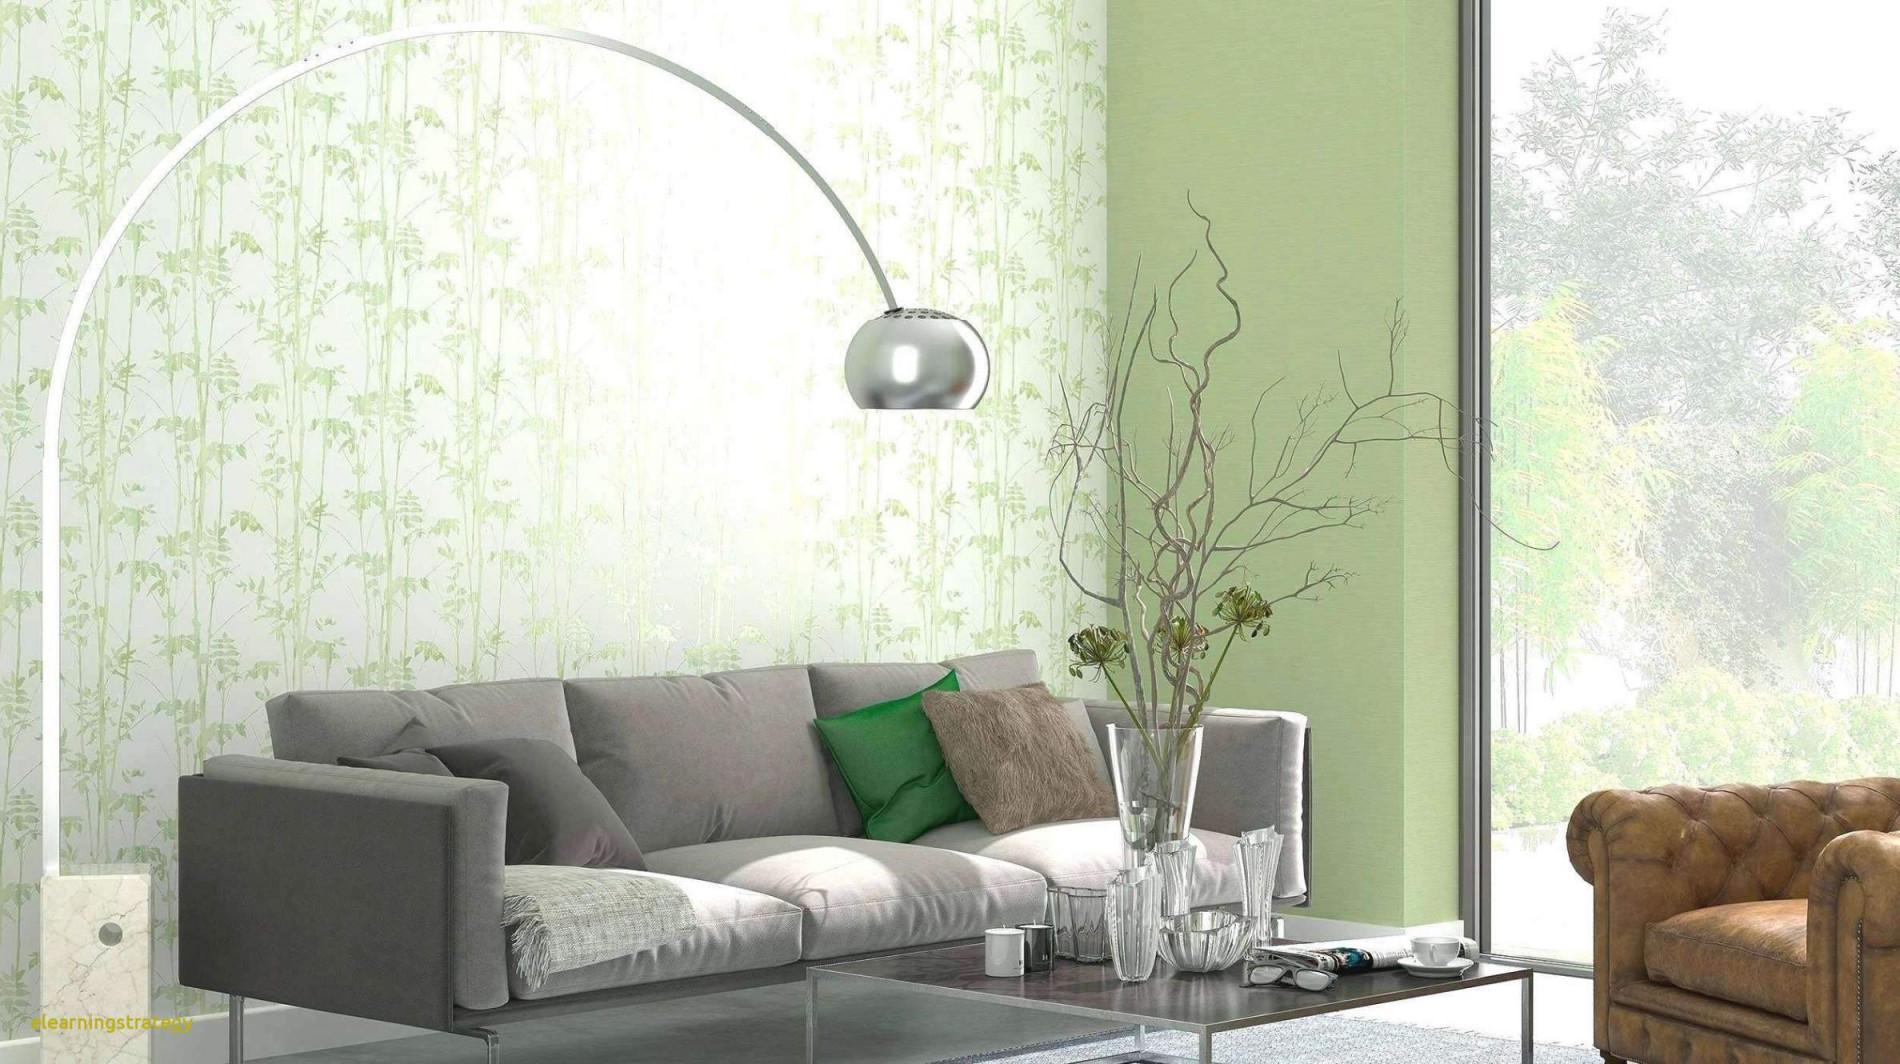 Tapete Für Wohnzimmer Reizend Das Beste Von Tapeten Für von Coole Tapeten Für Wohnzimmer Photo